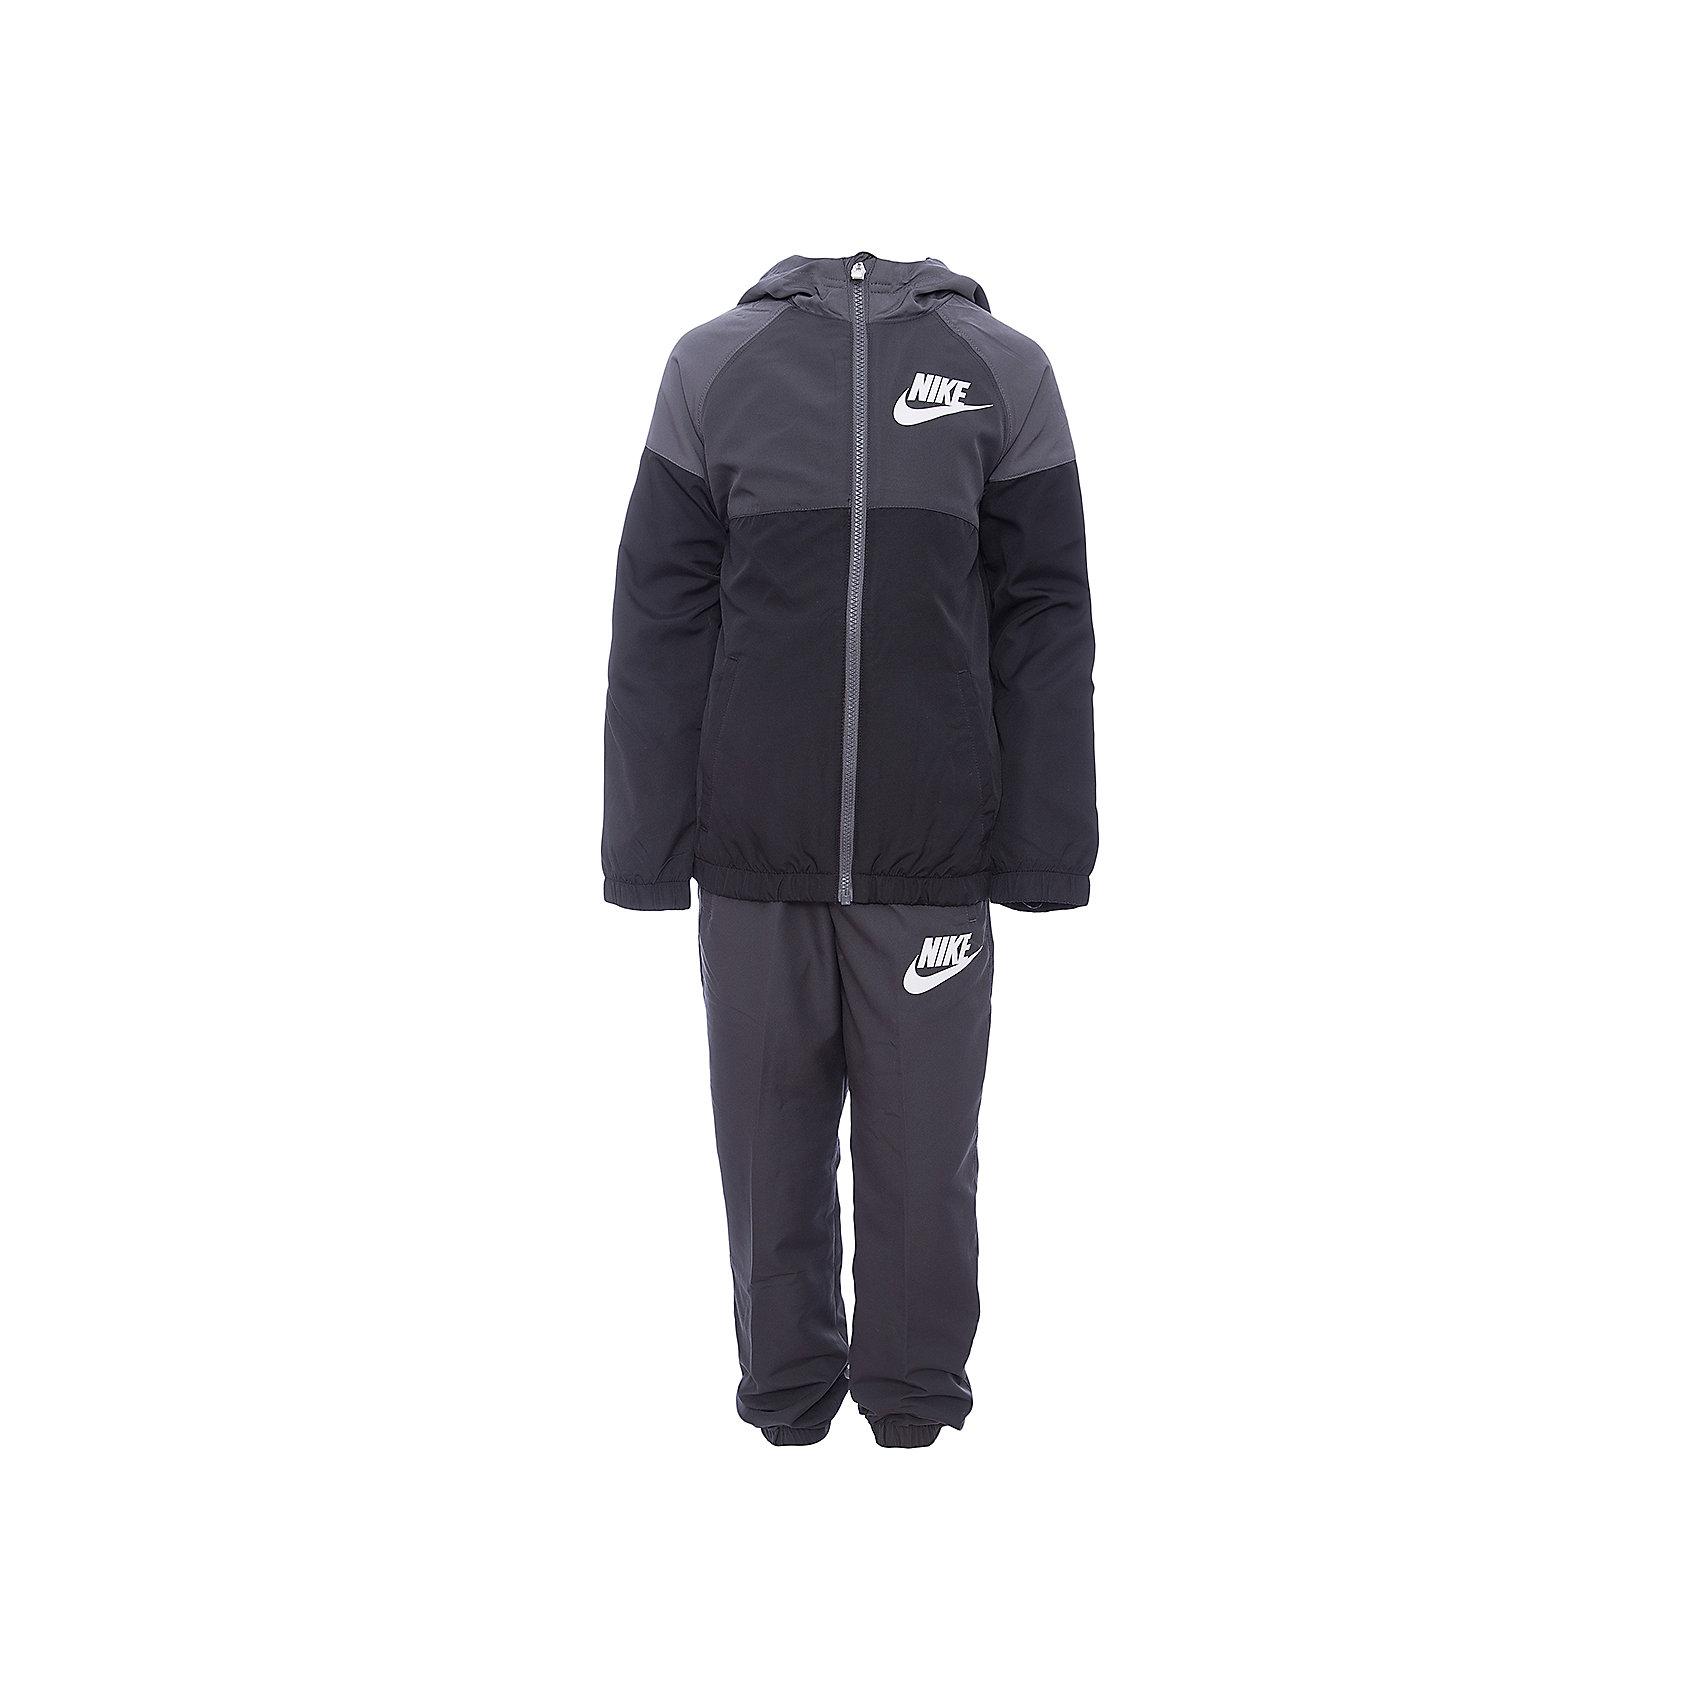 Спортивный костюм NIKEСпортивная форма<br>Характеристики товара:<br><br>• цвет: серый<br>• комплектация: курточка, брюки<br>• состав ткани: 100% полиэстер<br>• подкладка - 100% полиэстер<br>• длинные рукава<br>• застежка: молния<br>• пояс: резинка и шнурок<br>• особенности модели: спортивный стиль<br>• сезон: демисезон<br>• капюшон: несъемный<br>• страна бренда: США<br>• страна изготовитель: Малайзия<br><br>Такой спортивный костюм Nike - отличный вариант комфортной и качественной одежды для спорта и отдыха. Курточка из спортивного комплекта для детей дополнена капюшоном и карманами. Этот детский спортивный костюм от бренда Nike разработан с учетом последних веяний в моде. Спортивный костюм Найк не сковывает движения ребенка. <br><br>Спортивный костюм Nike (Найк) можно купить в нашем интернет-магазине.<br><br>Ширина мм: 247<br>Глубина мм: 16<br>Высота мм: 140<br>Вес г: 225<br>Цвет: серый<br>Возраст от месяцев: 168<br>Возраст до месяцев: 180<br>Пол: Унисекс<br>Возраст: Детский<br>Размер: 158/170,122/128,128/134,135/140,147/158<br>SKU: 7073928